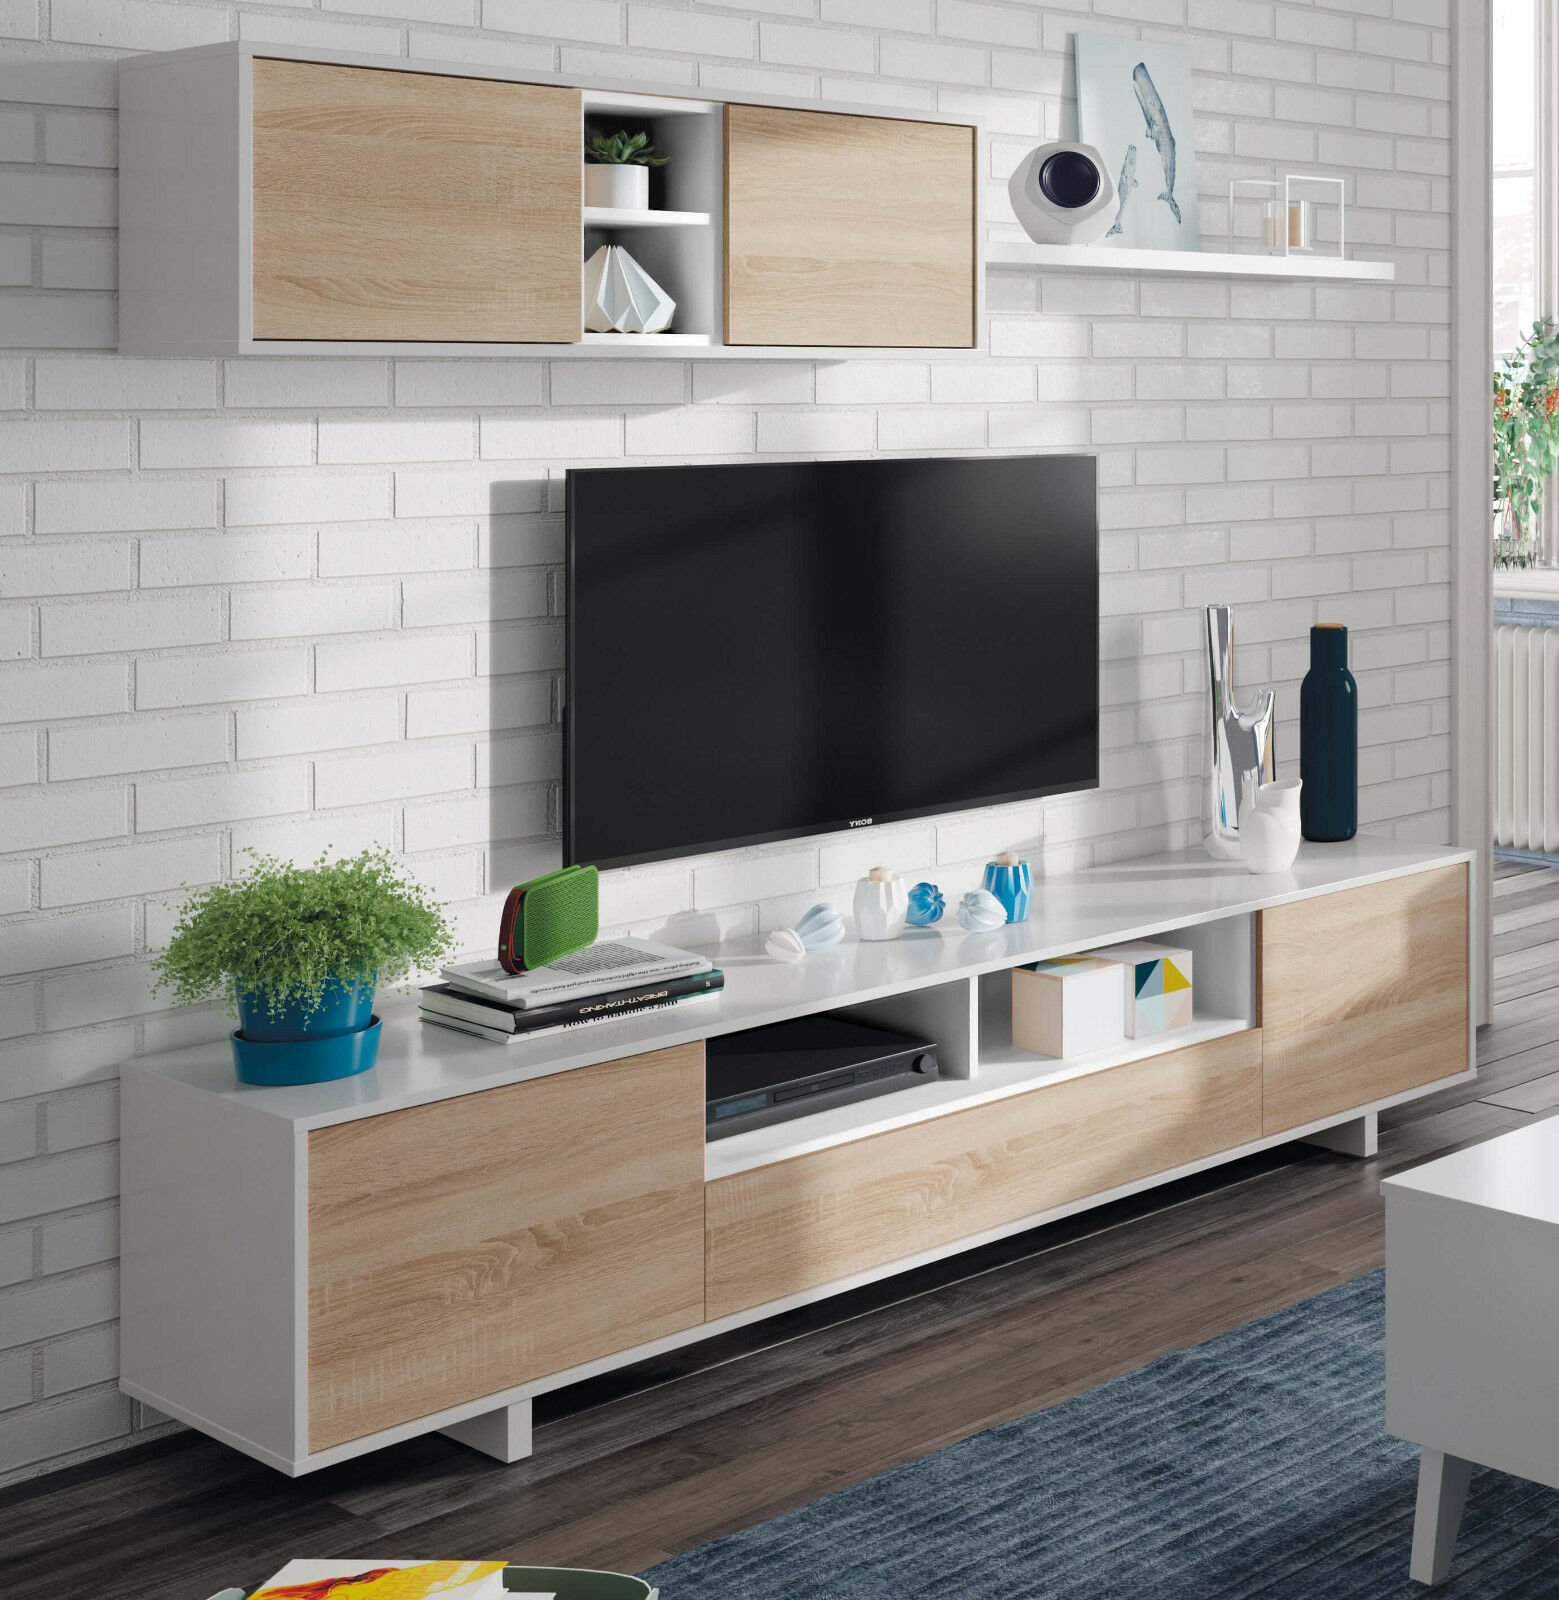 Mueble salon comedor modular diseño nordico color blanco y roble 200x41 cm